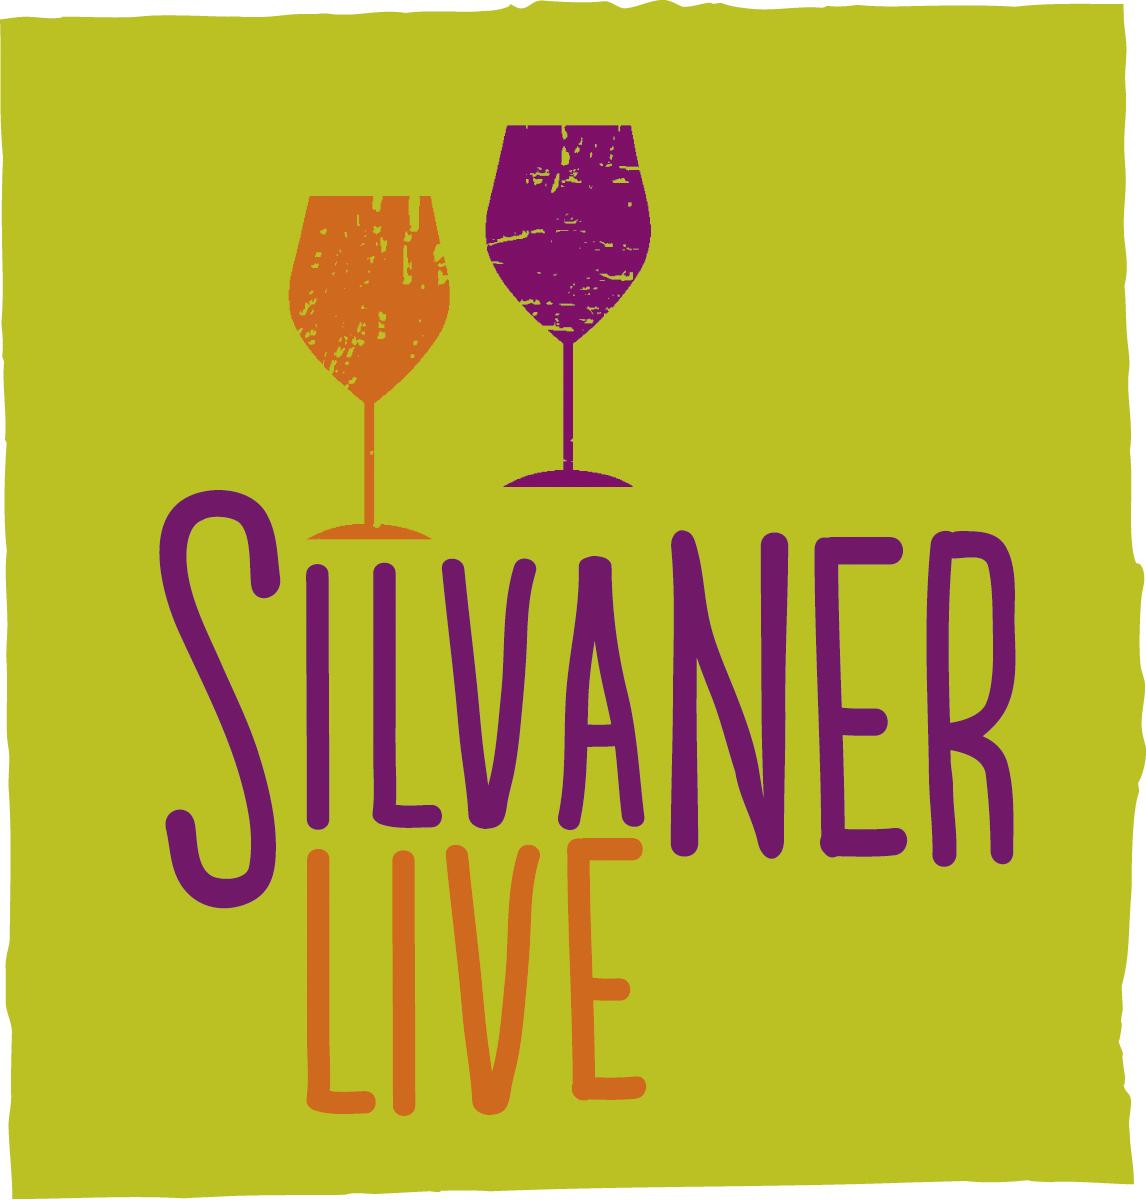 Silvaner Live – der Treffpunkt für alle Silvaner-Fans